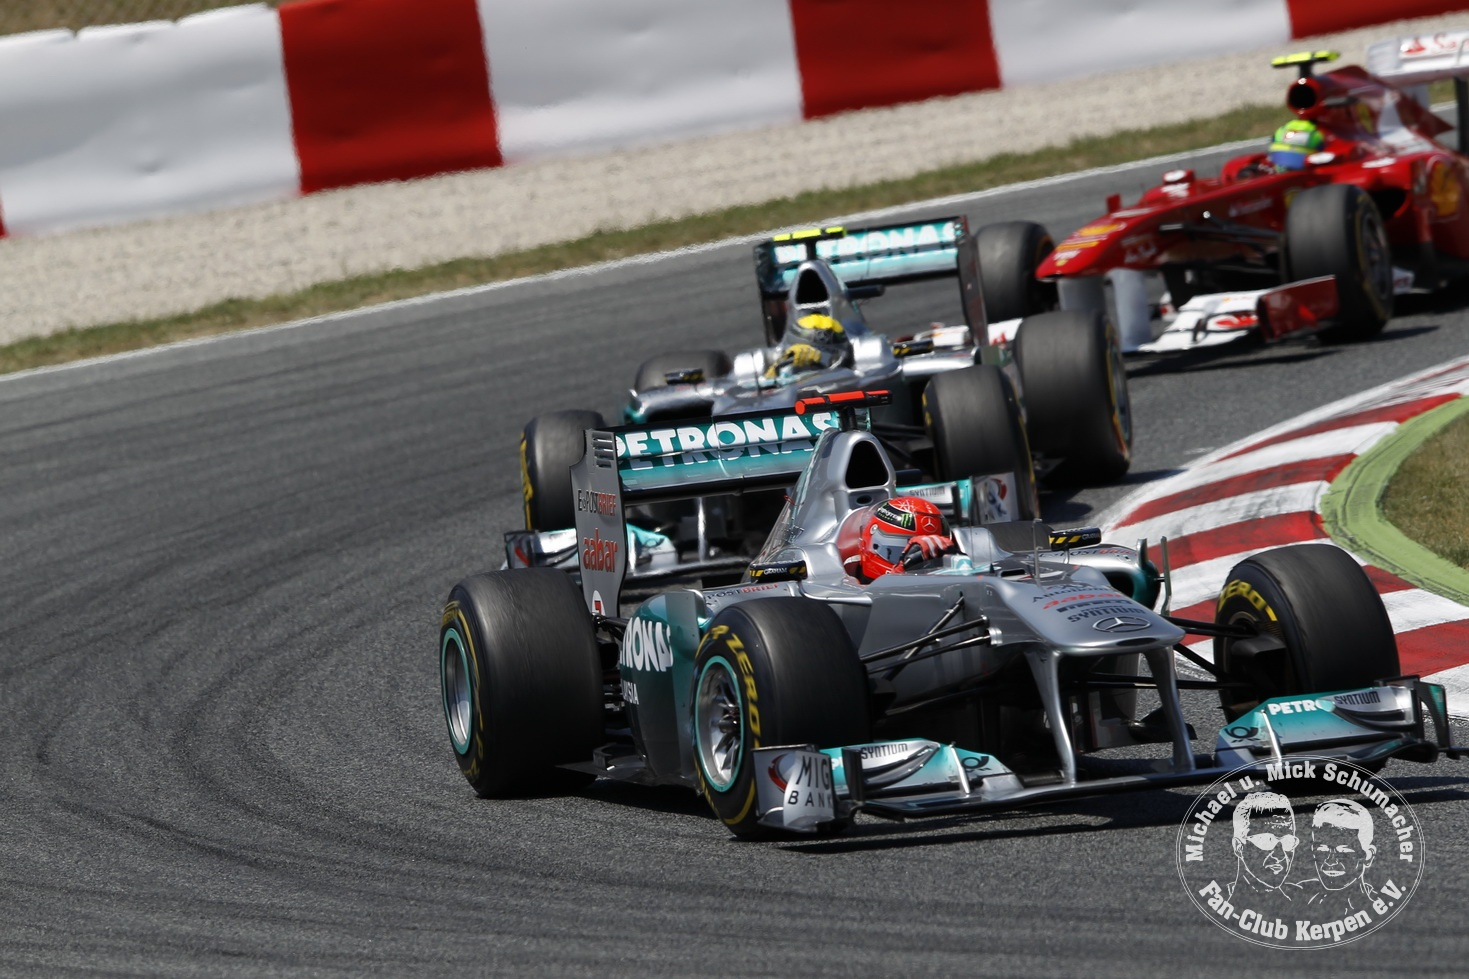 Formel 1, Grand Prix Spanien 2011, Barcelona, 22.05.2011